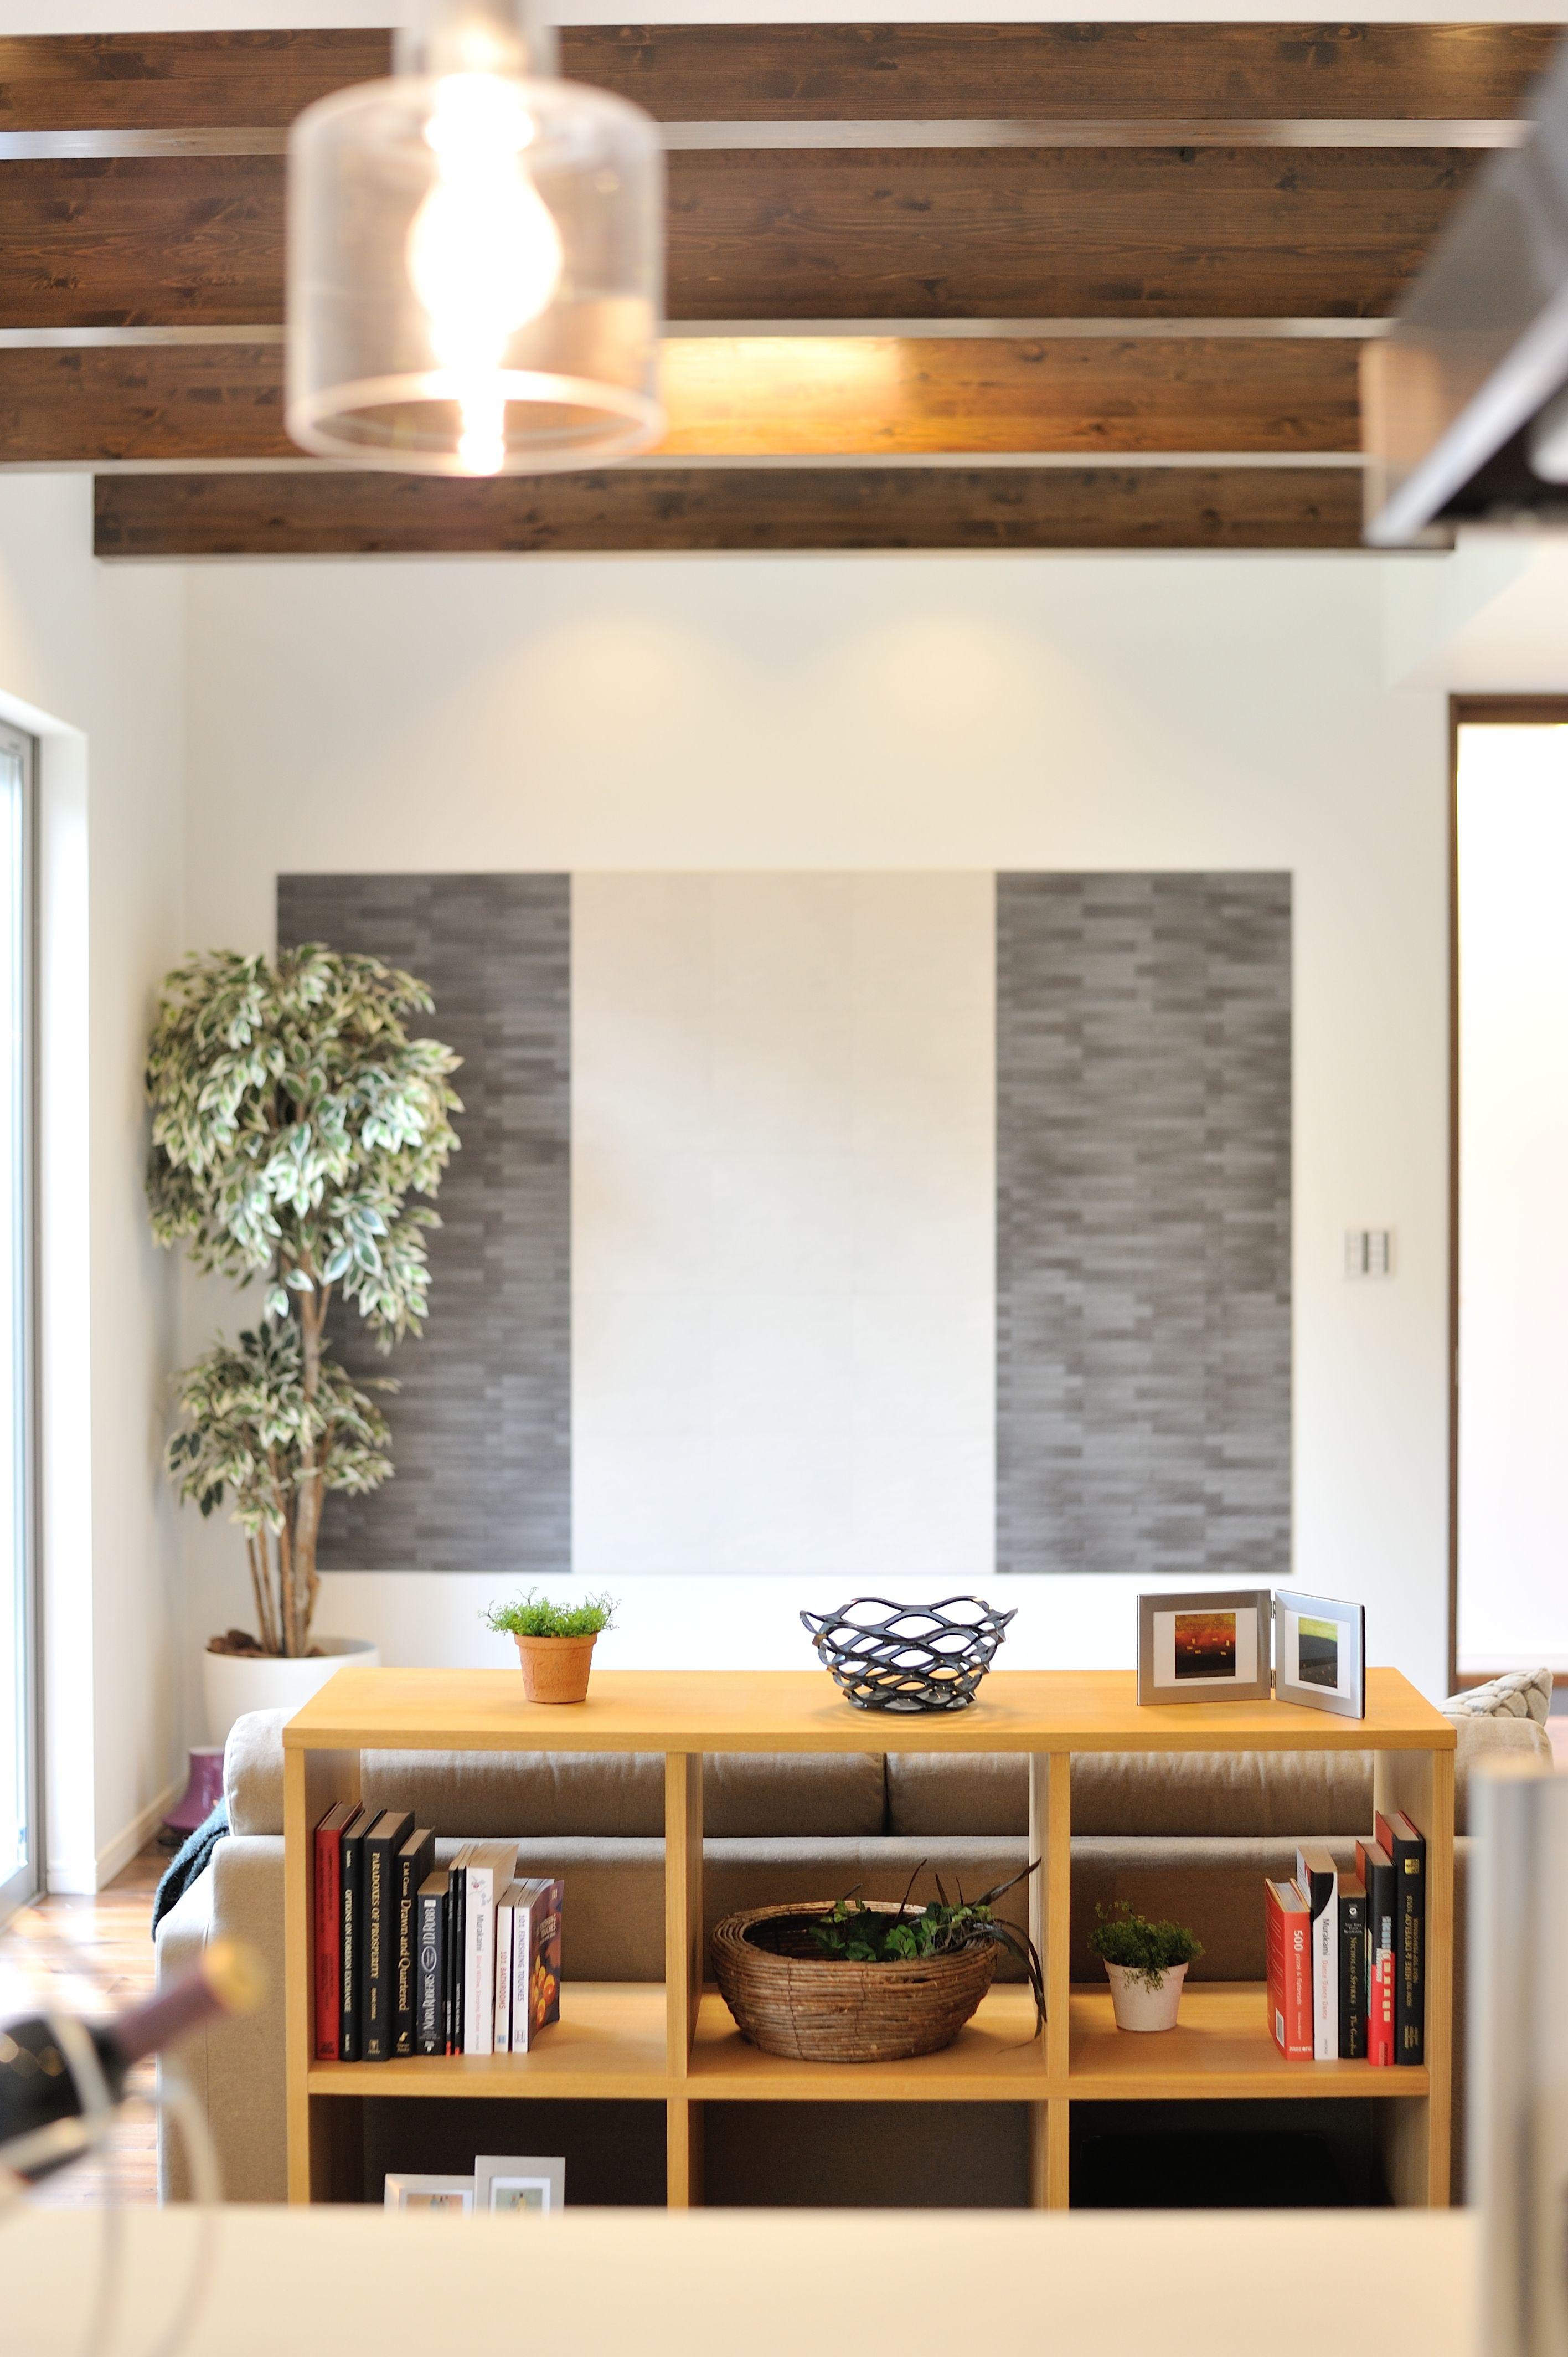 リビング 壁に貼った2色のエコカラットは 室内の湿気やニオイを吸っ